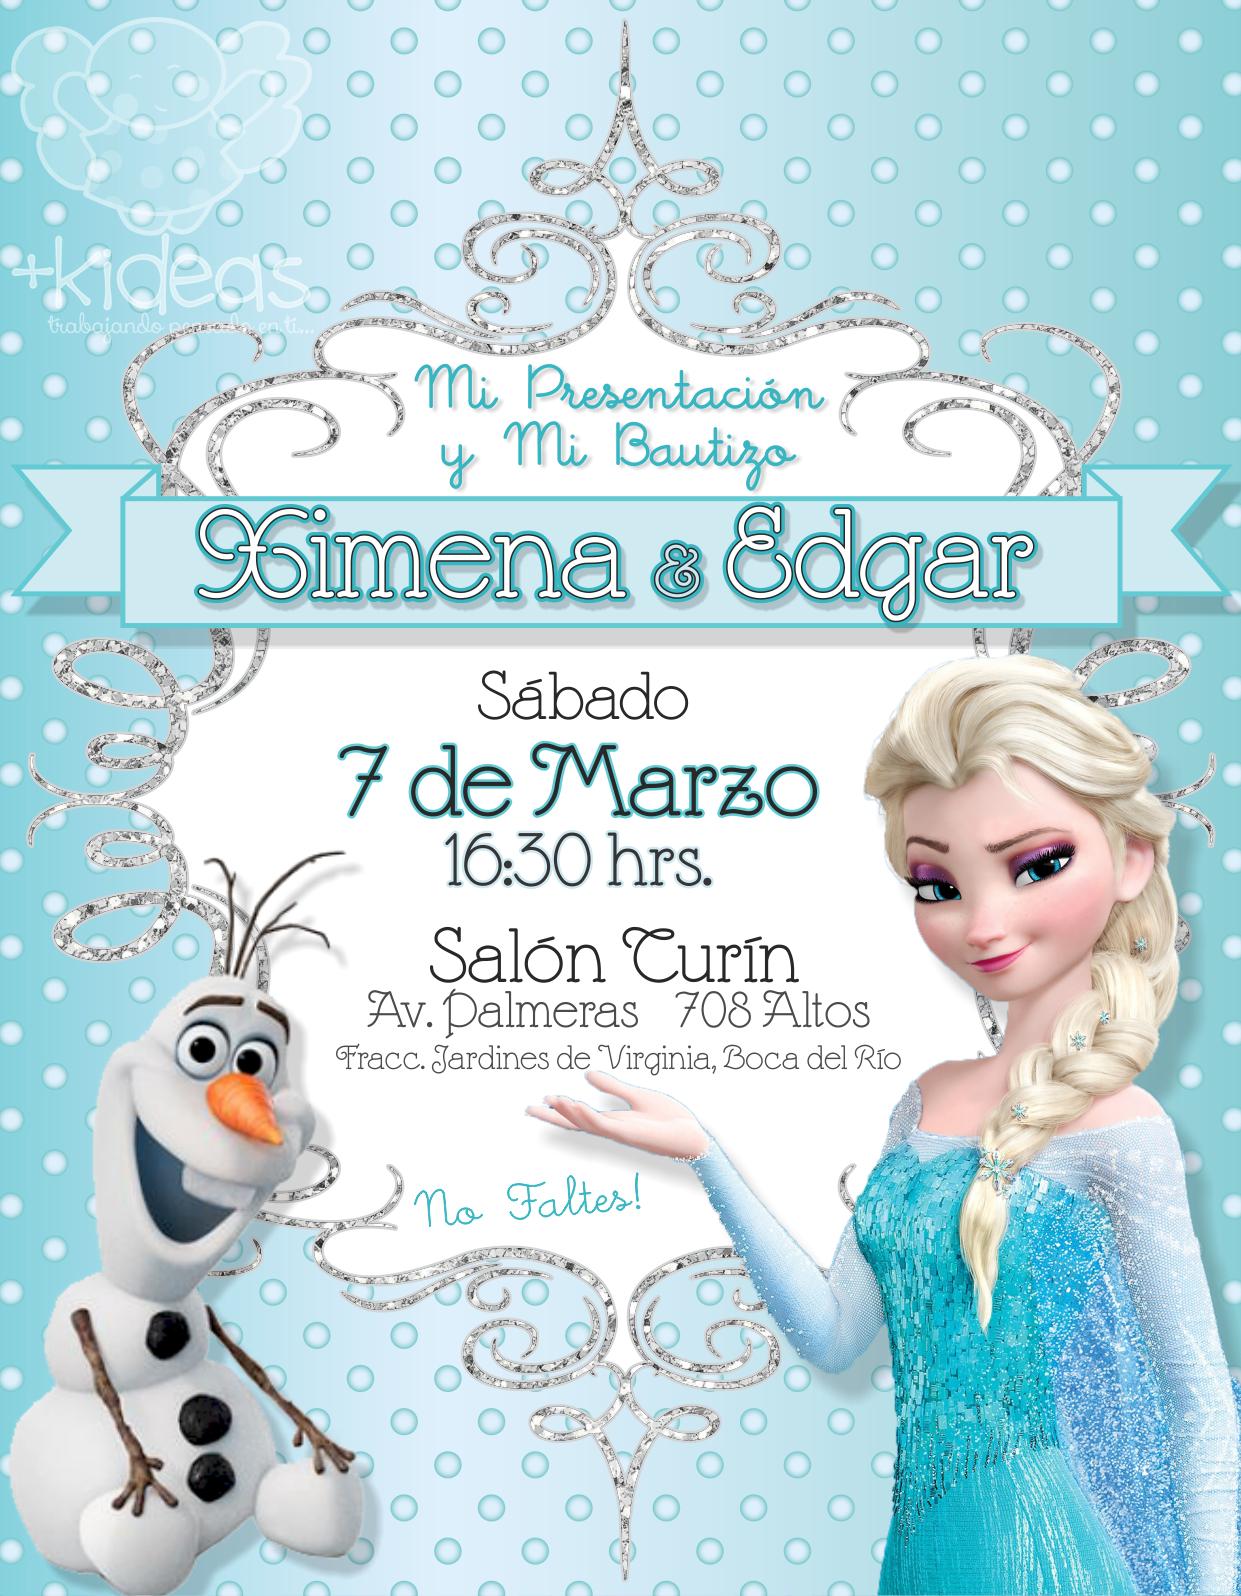 Frozen Elsa y Olaf Tiffany | torta cumple | Pinterest | Olaf, Elsa ...